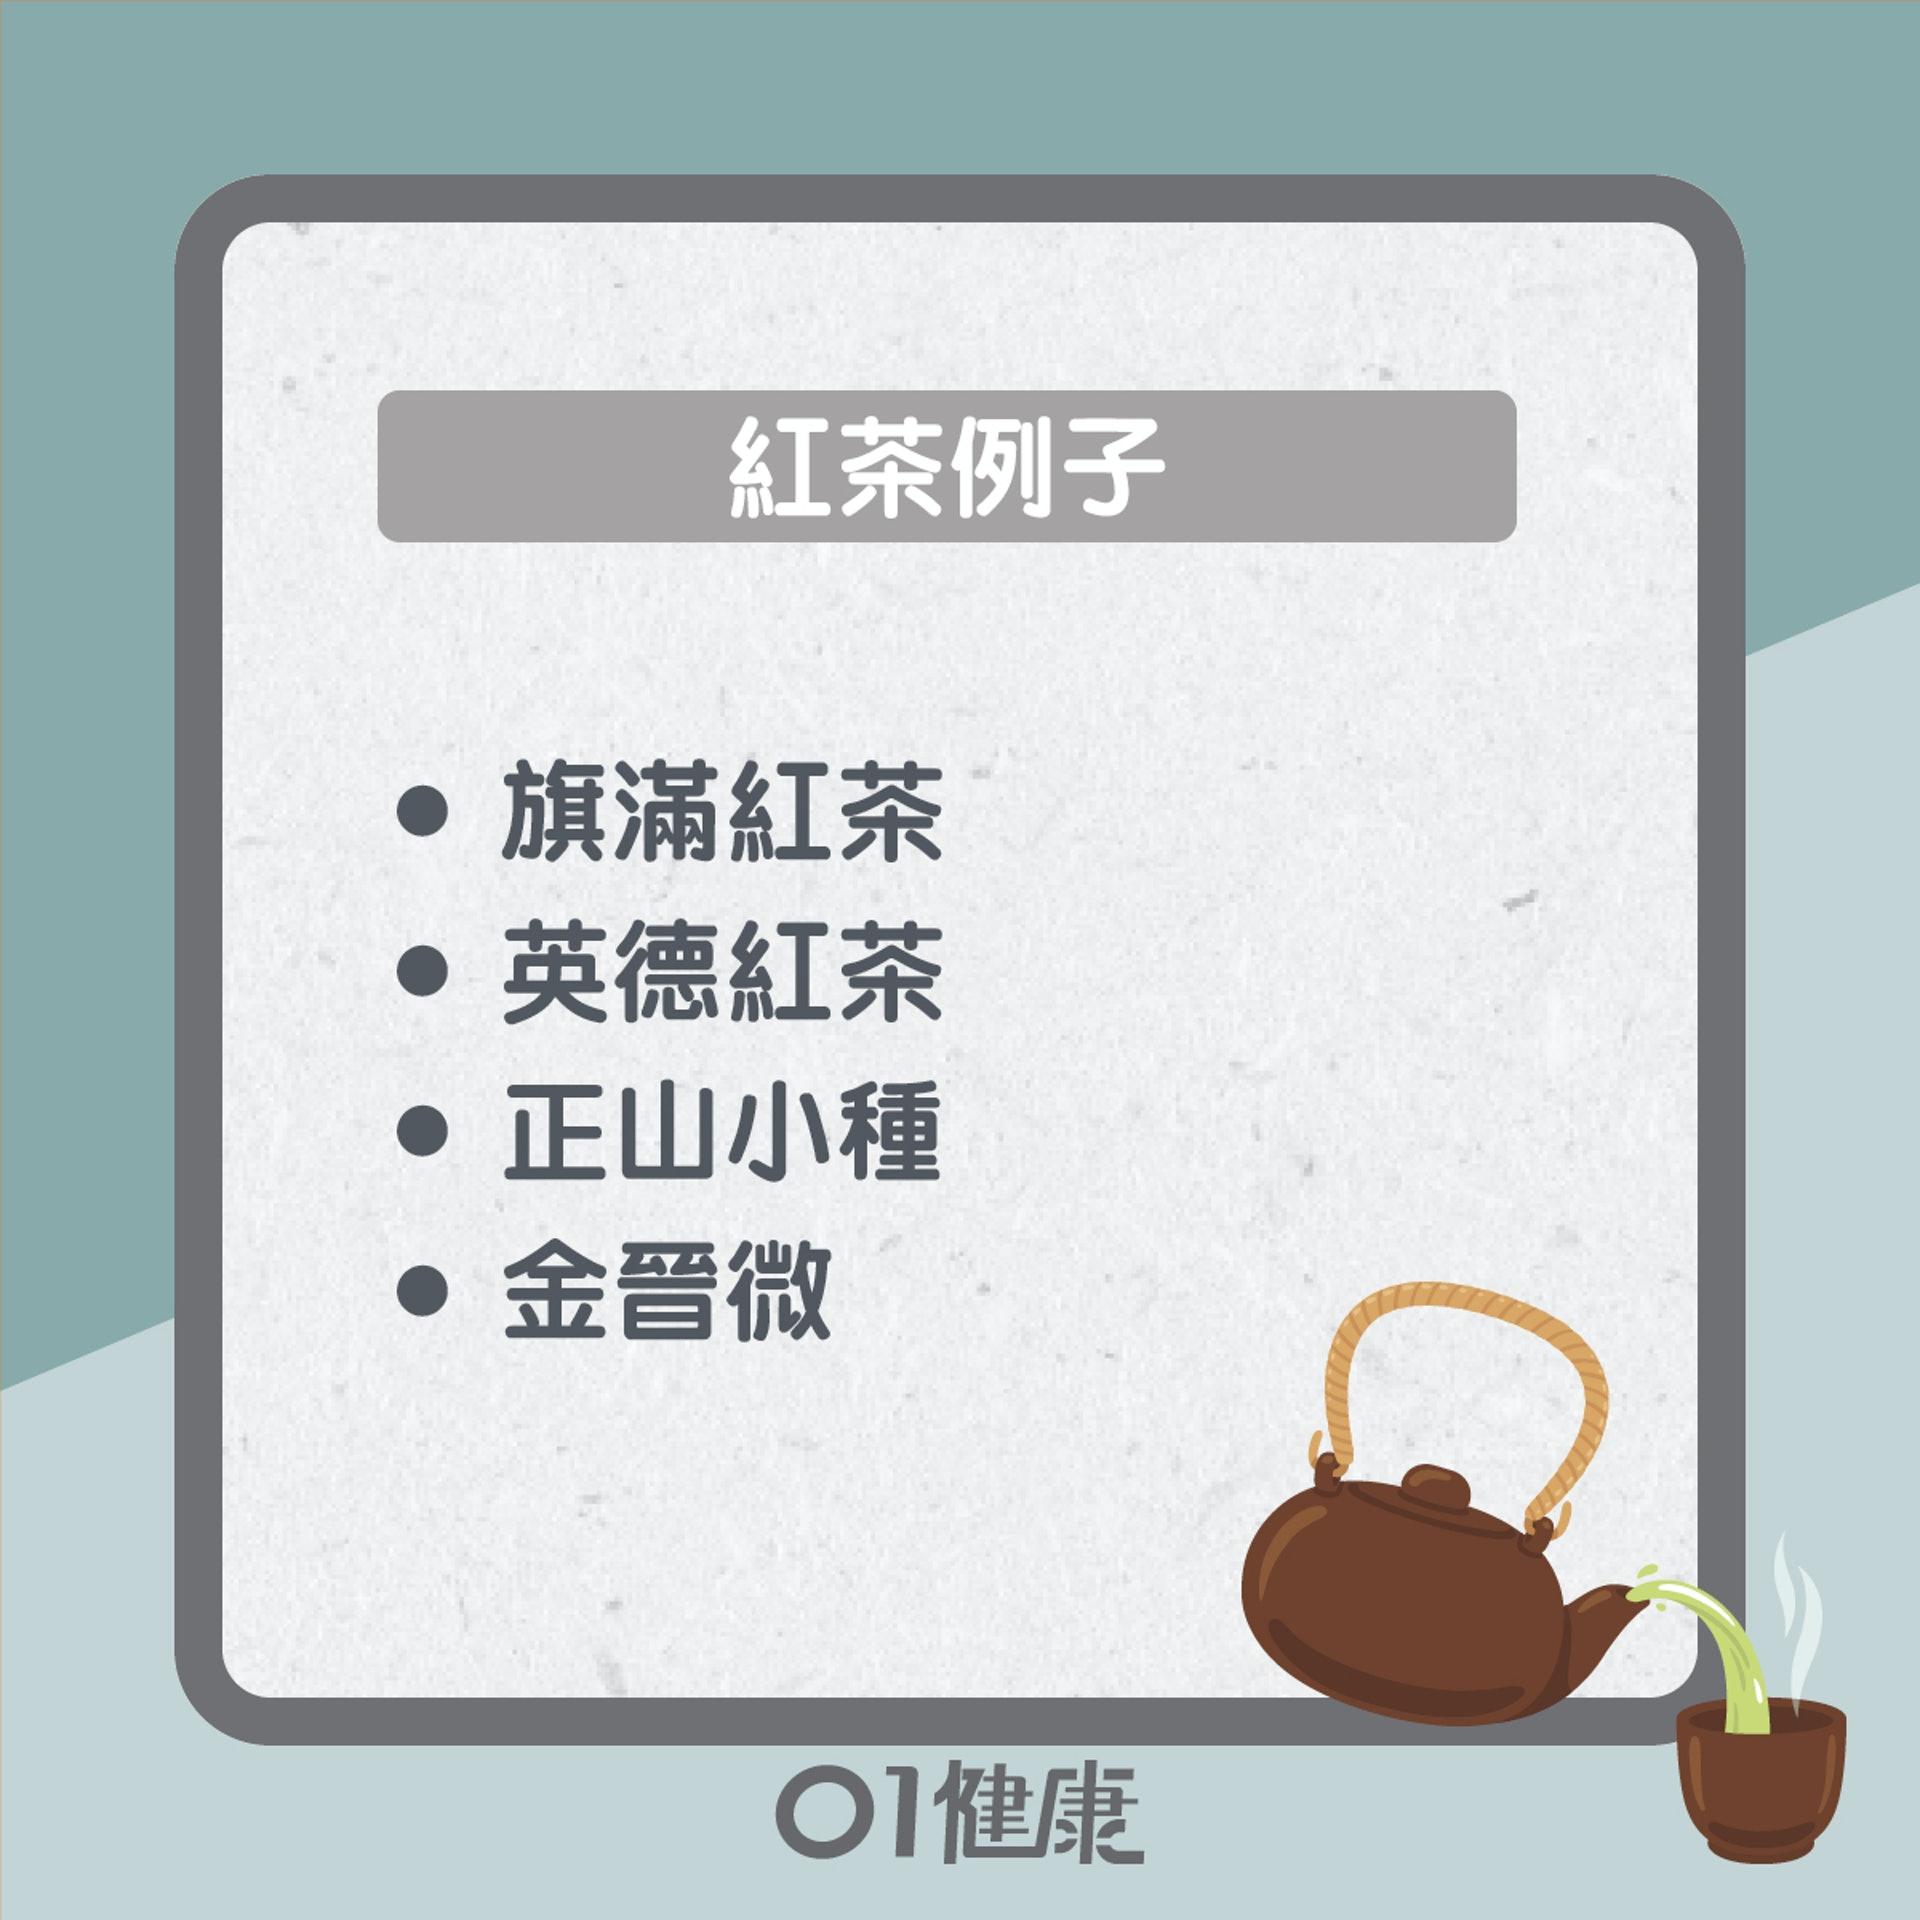 飲茶知多啲(01製圖)